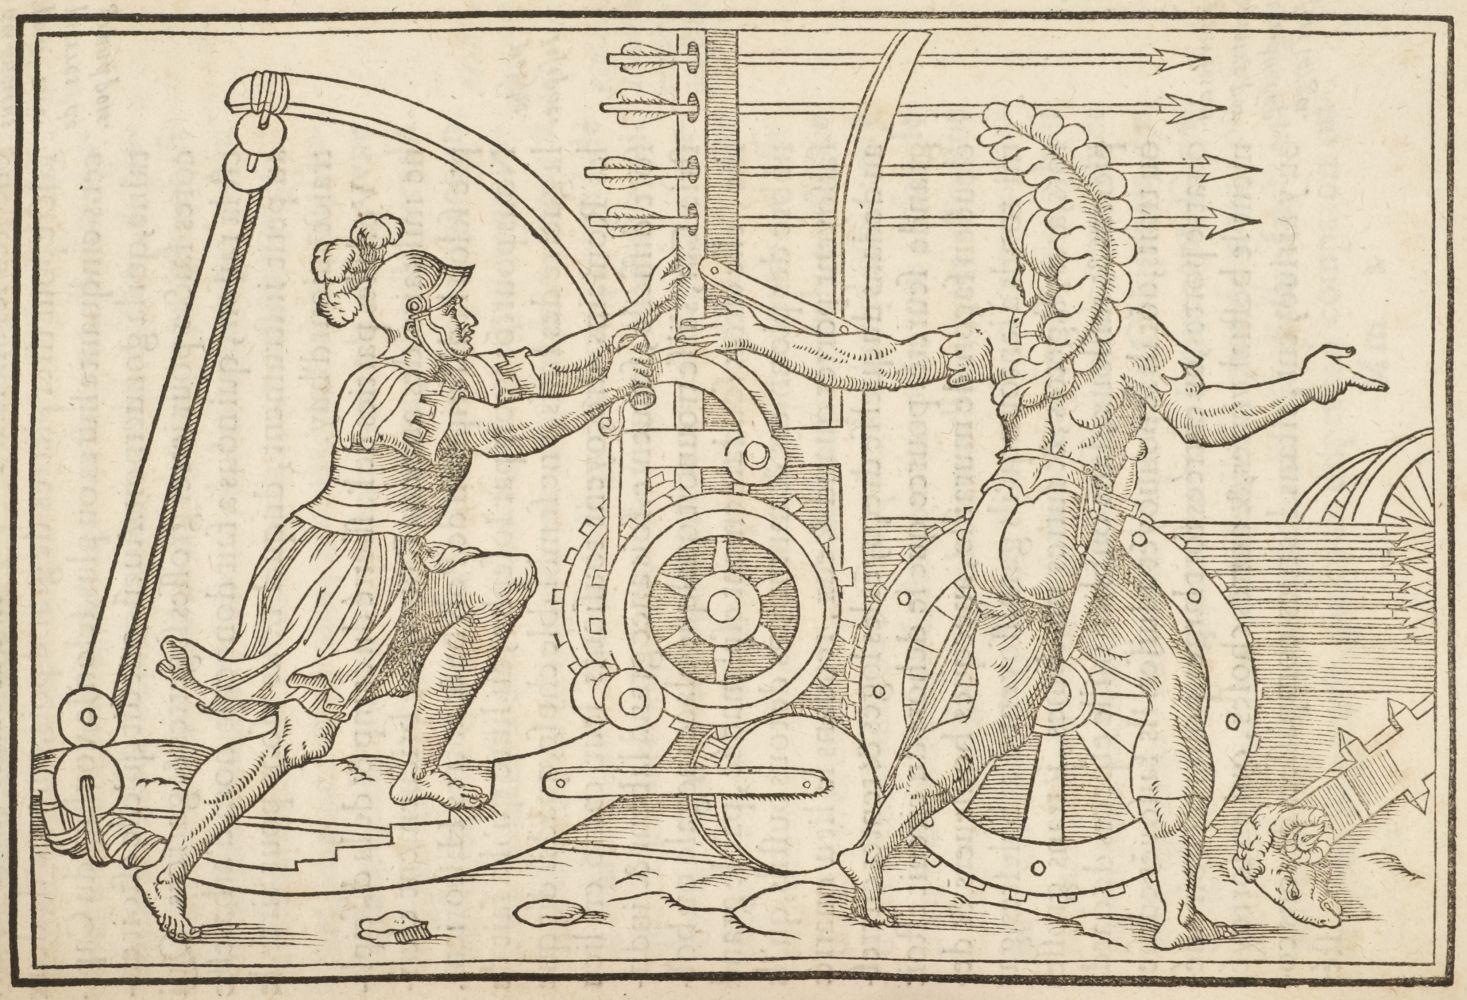 Du Choul (Guillaume). Discours de la Religion des Anciens Romains, Lyon, 1581